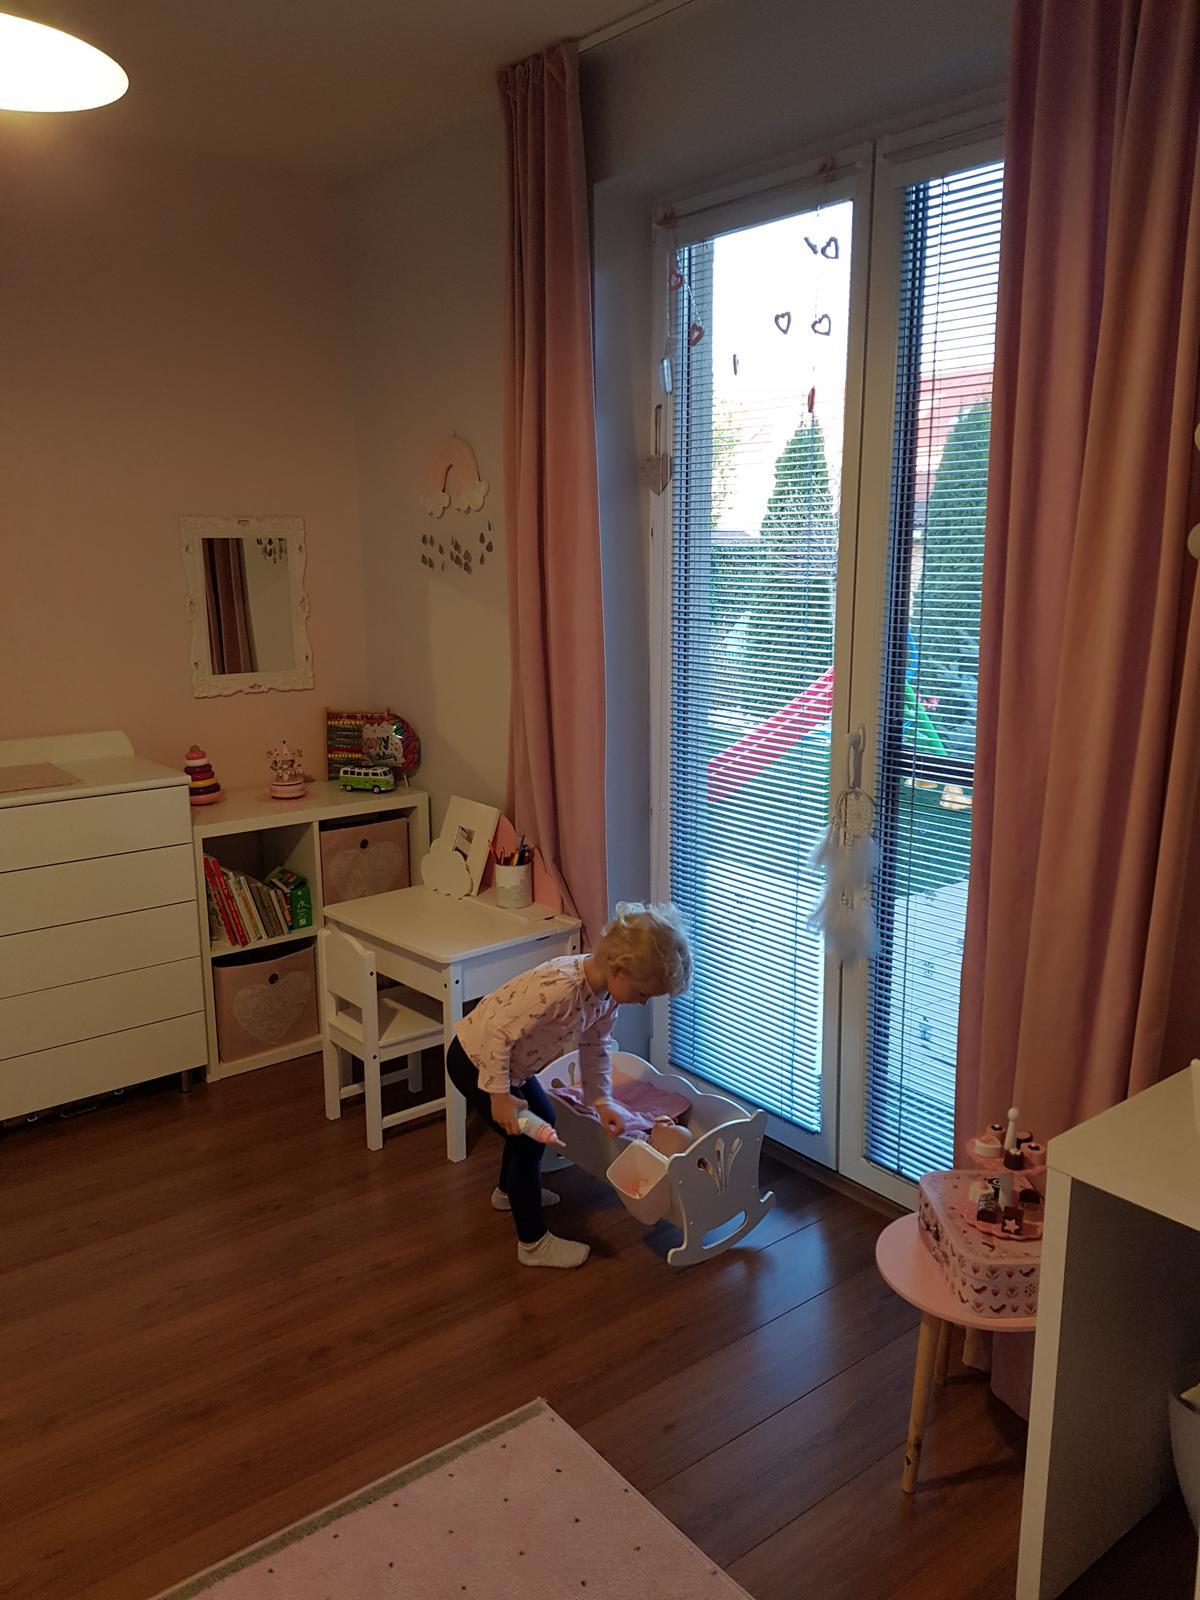 Projekt hostovska  nakoniec detska :-D - Obrázok č. 41